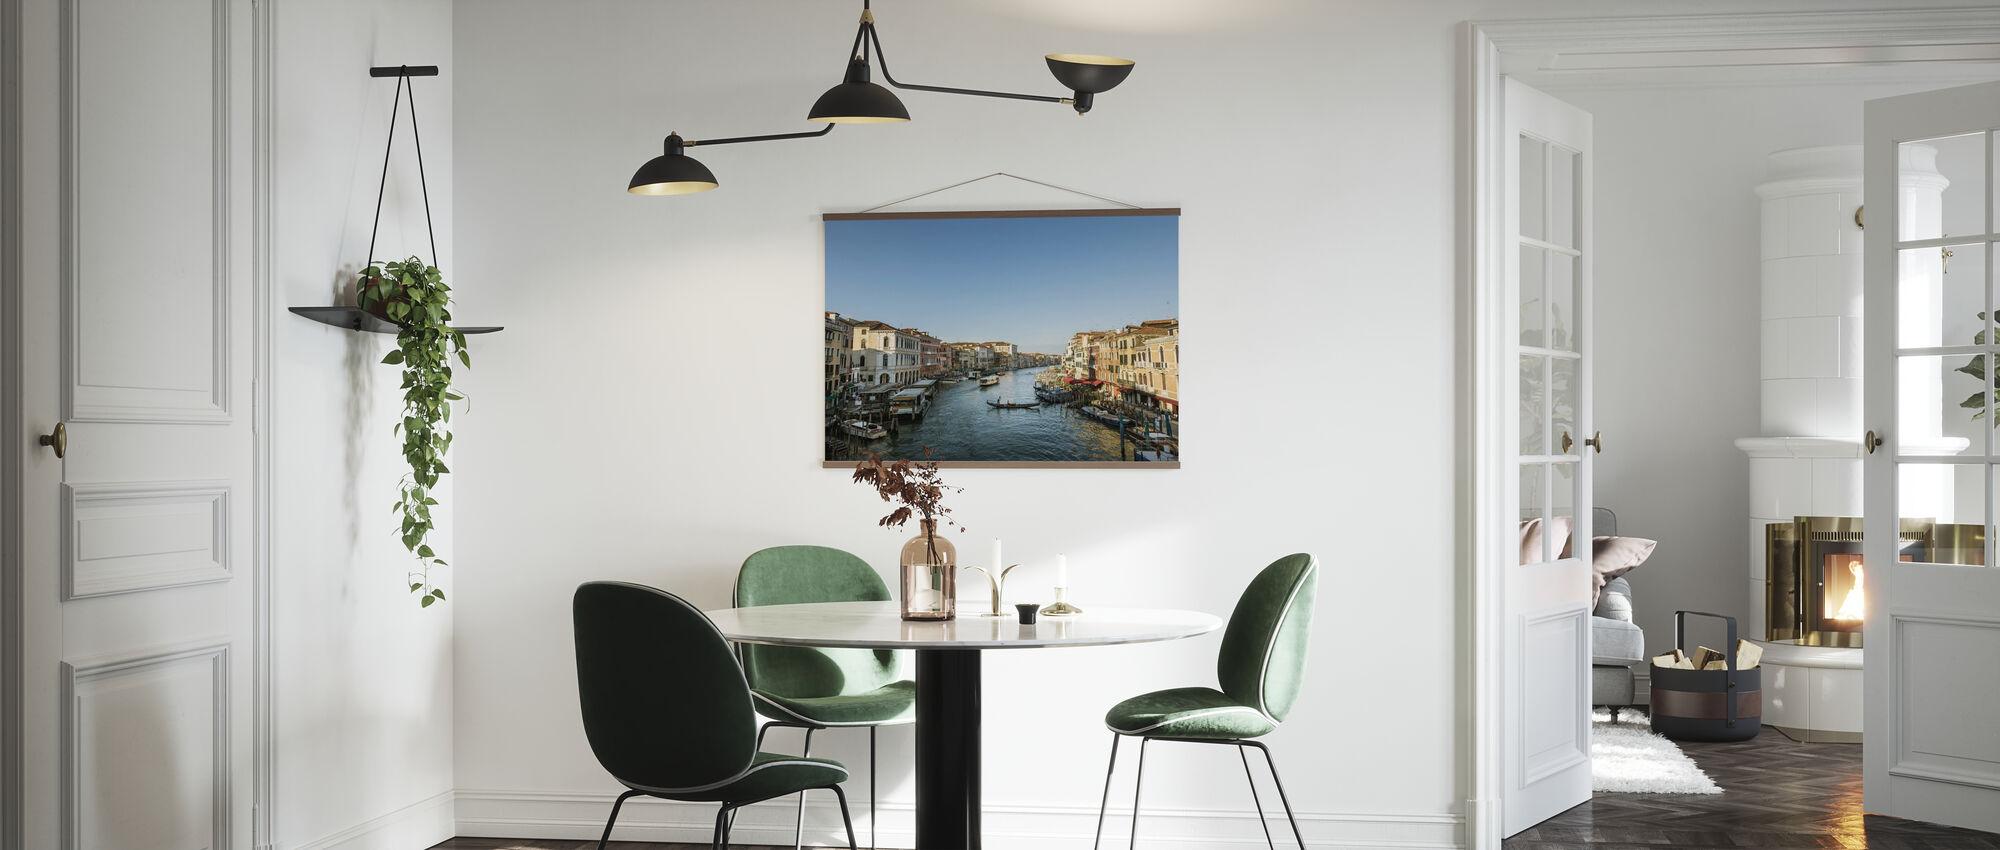 Blå himmel over Venedig - Plakat - Kjøkken